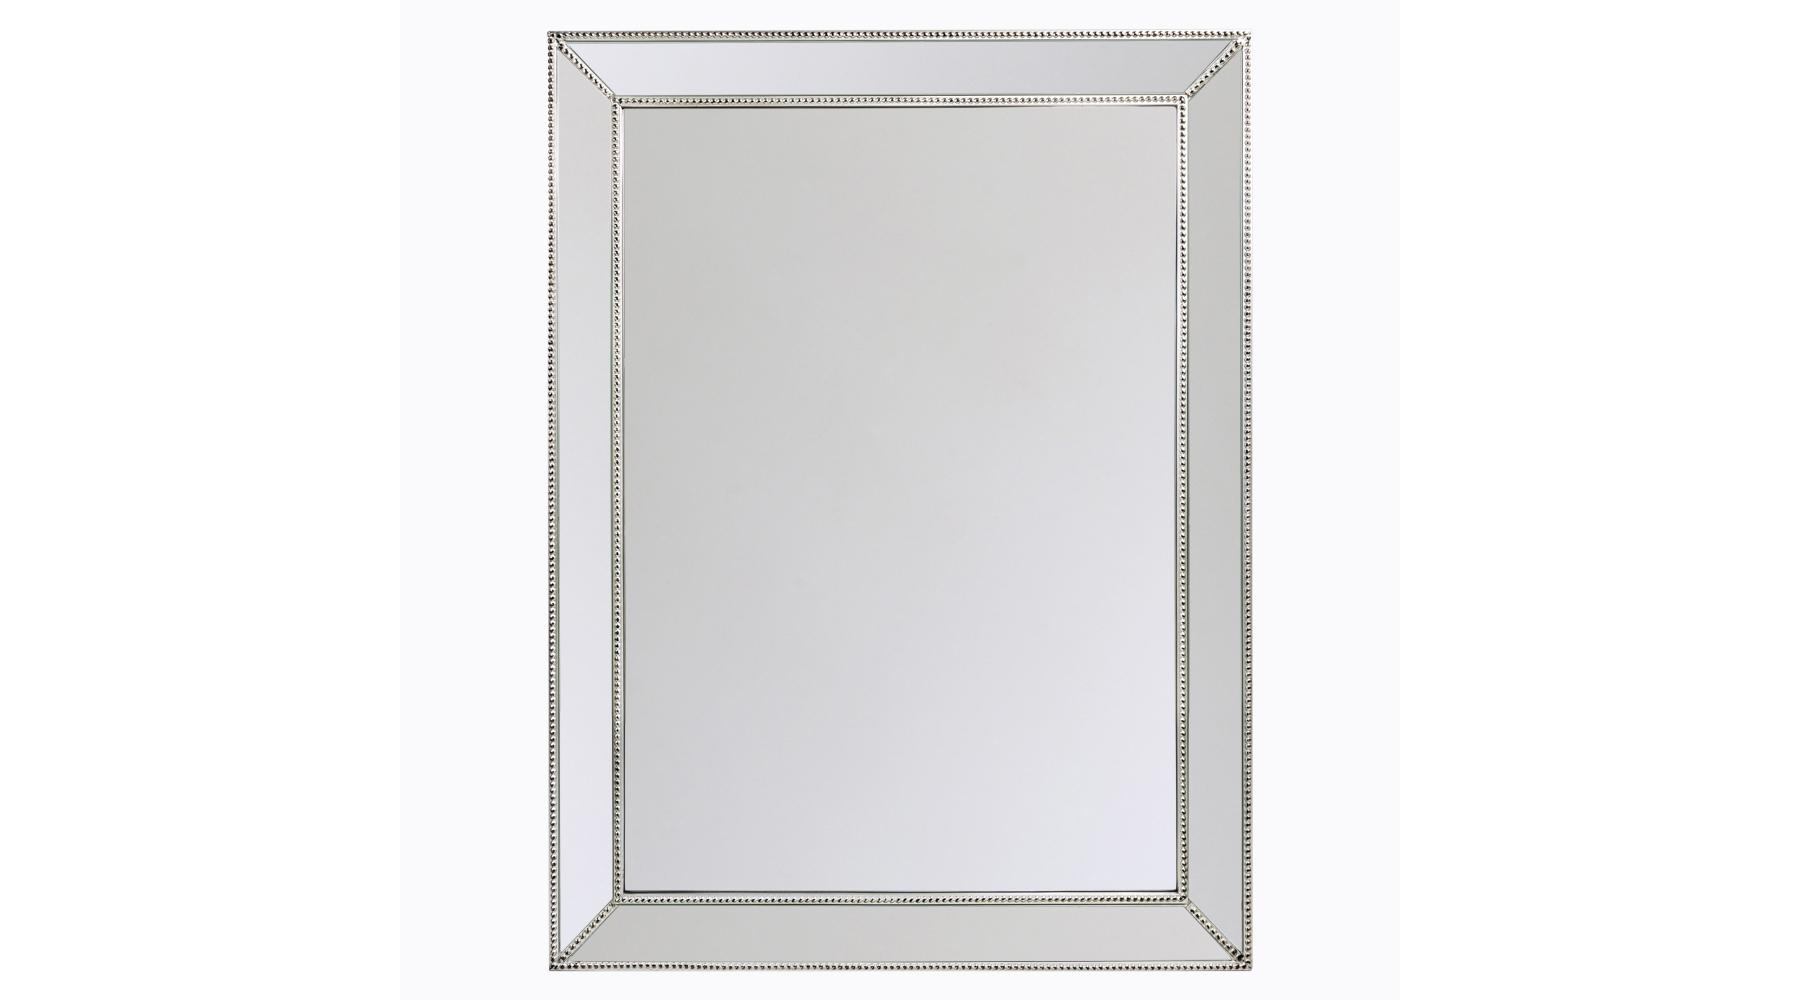 Настенное зеркало «Готье»Настенные зеркала<br>Это зеркало не так просто, как кажется! Рама из натуральной древесины покрыта серебряной амальгамой и декорирована по краям фацетом. Такие &amp;quot;зеркальные&amp;quot; обрамления были на пике популярности еще в средневековой Венеции! Толщина зеркальной поверхности составляет 5 мм, она абсолютно точно отражает объекты и предметы, не искажая их формы. Вес зеркала составляет 16,2 кг.<br><br>Material: Дерево<br>Width см: 90<br>Depth см: 4,5<br>Height см: 120